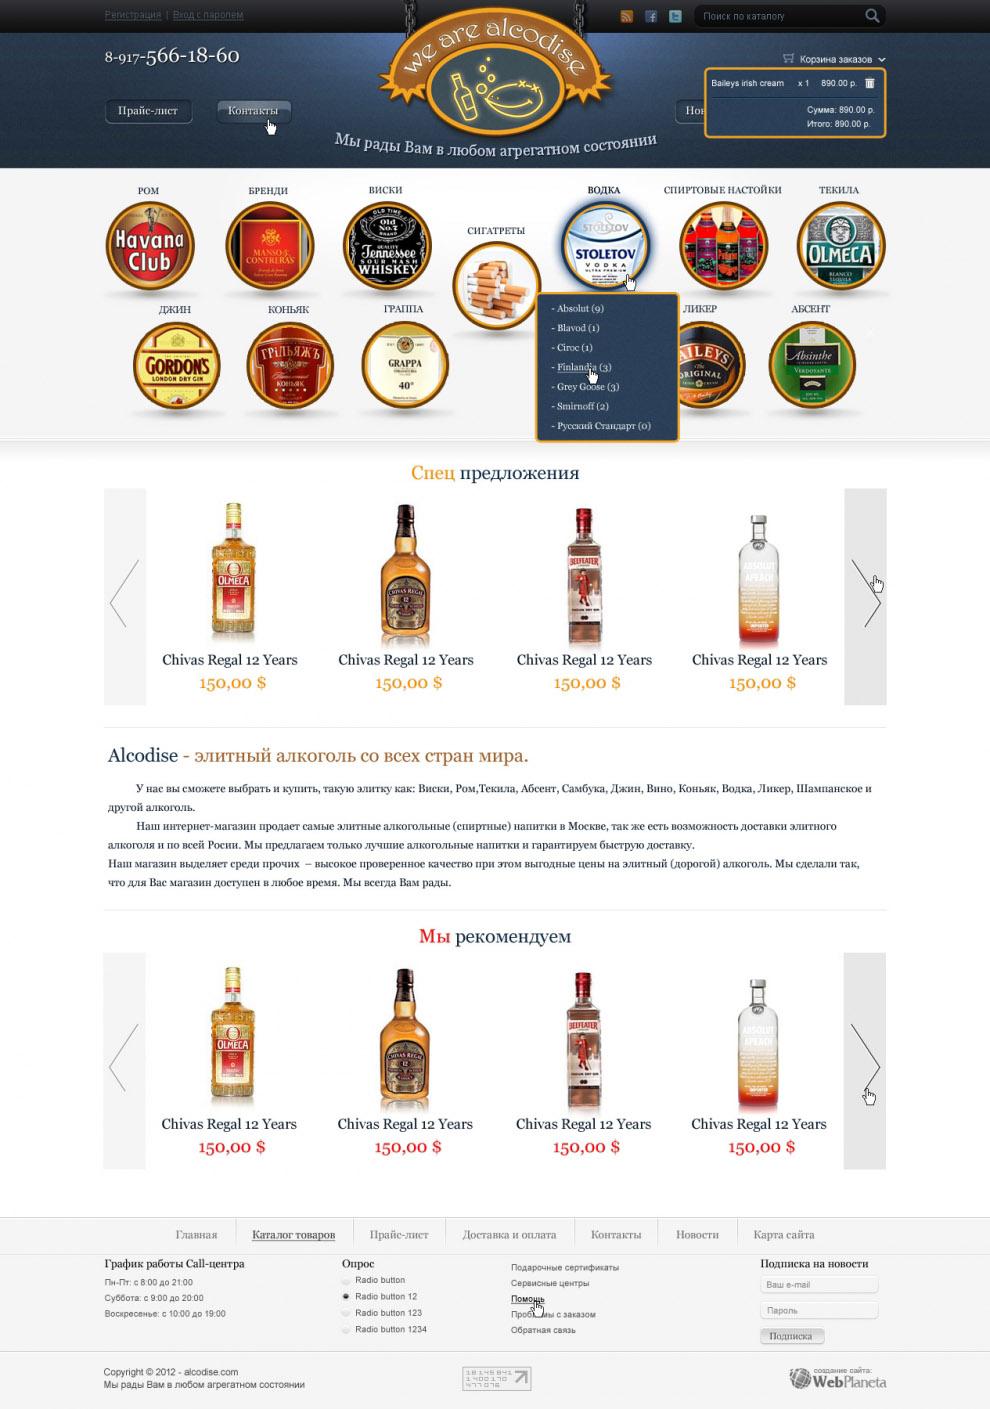 Конкурсы дизайна сайтов